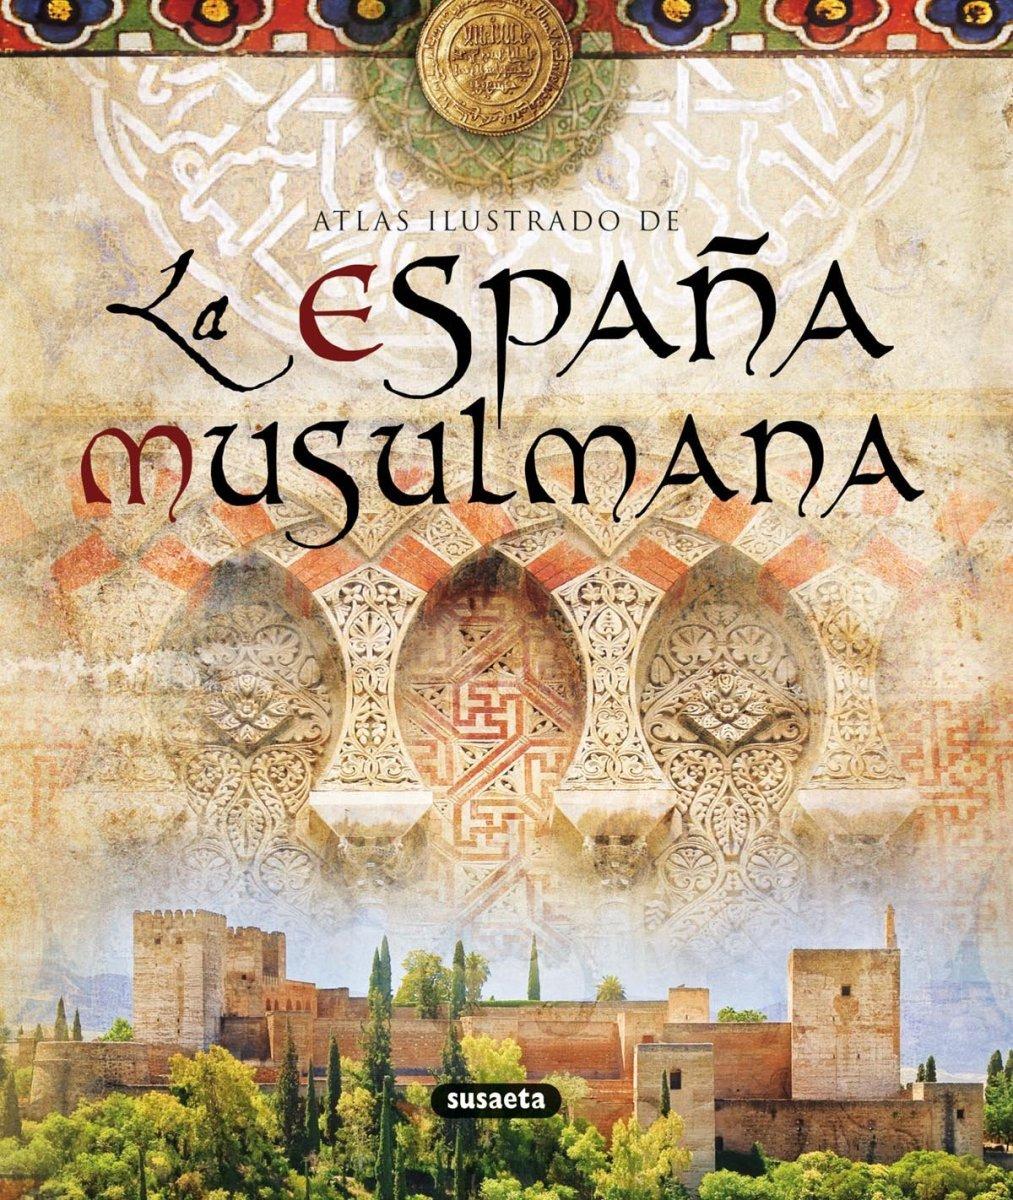 Atlas ilustrado de la España Musulmana